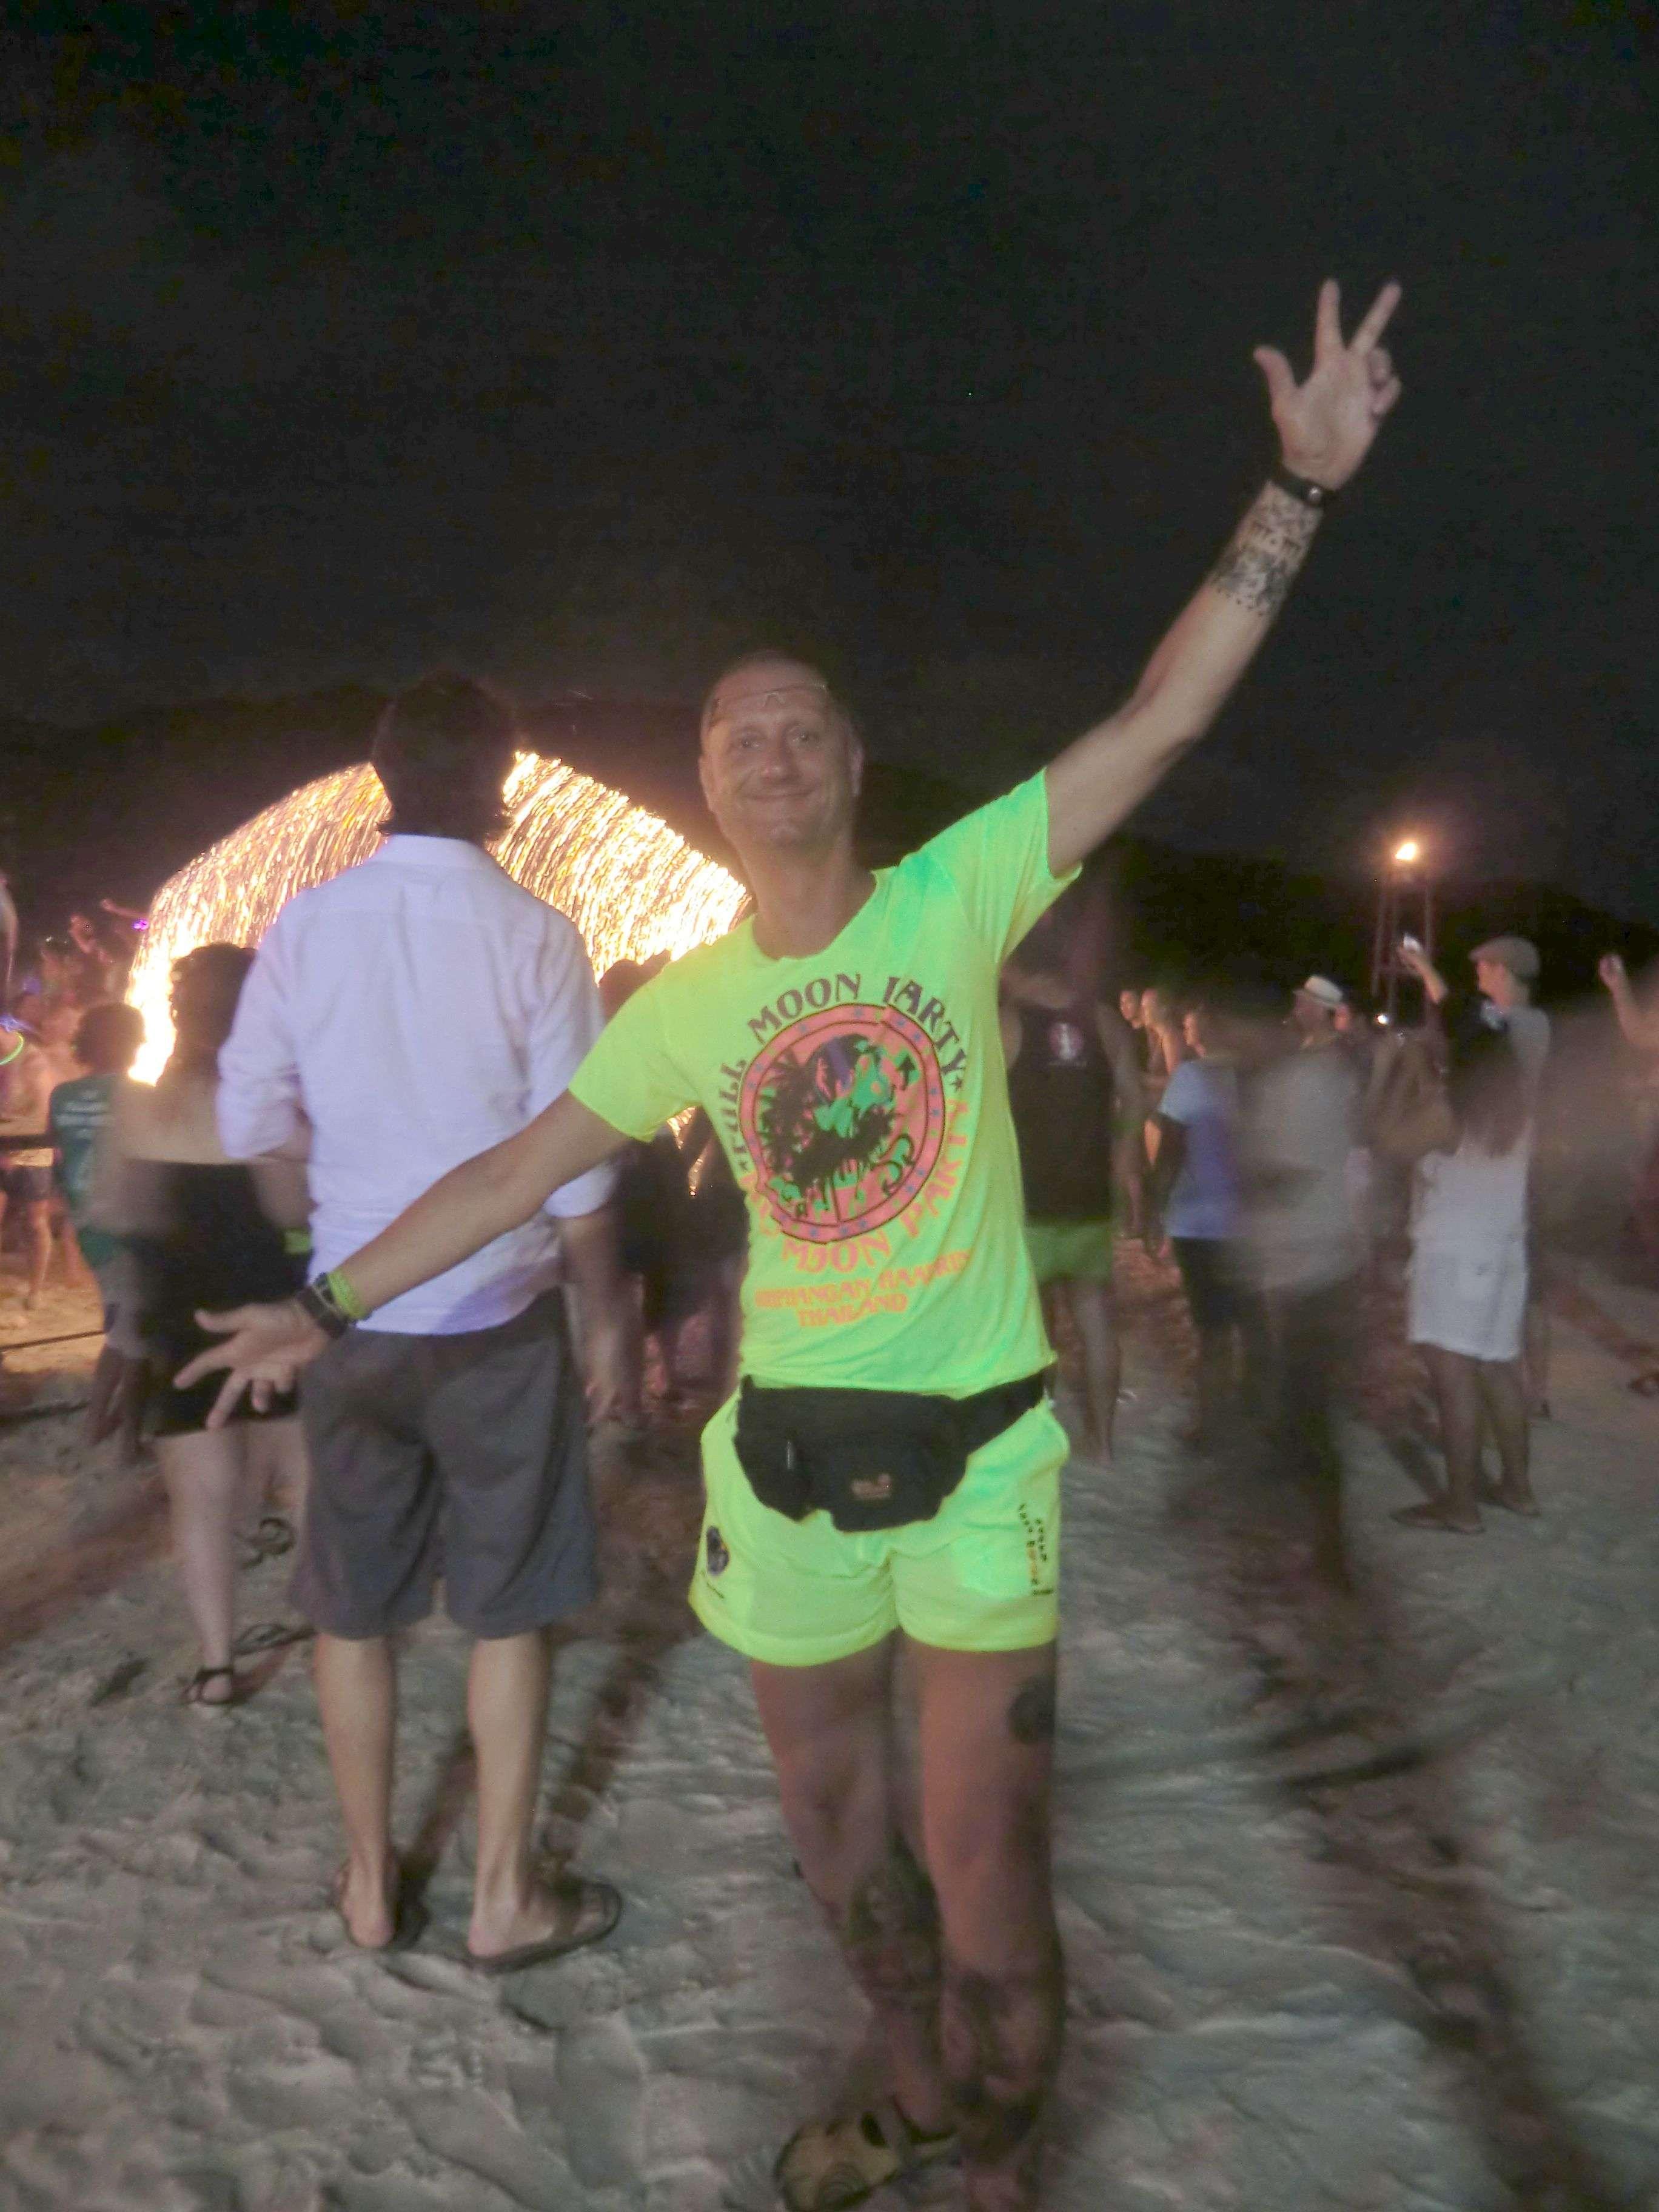 Bibo in neongelber Vollausstattung